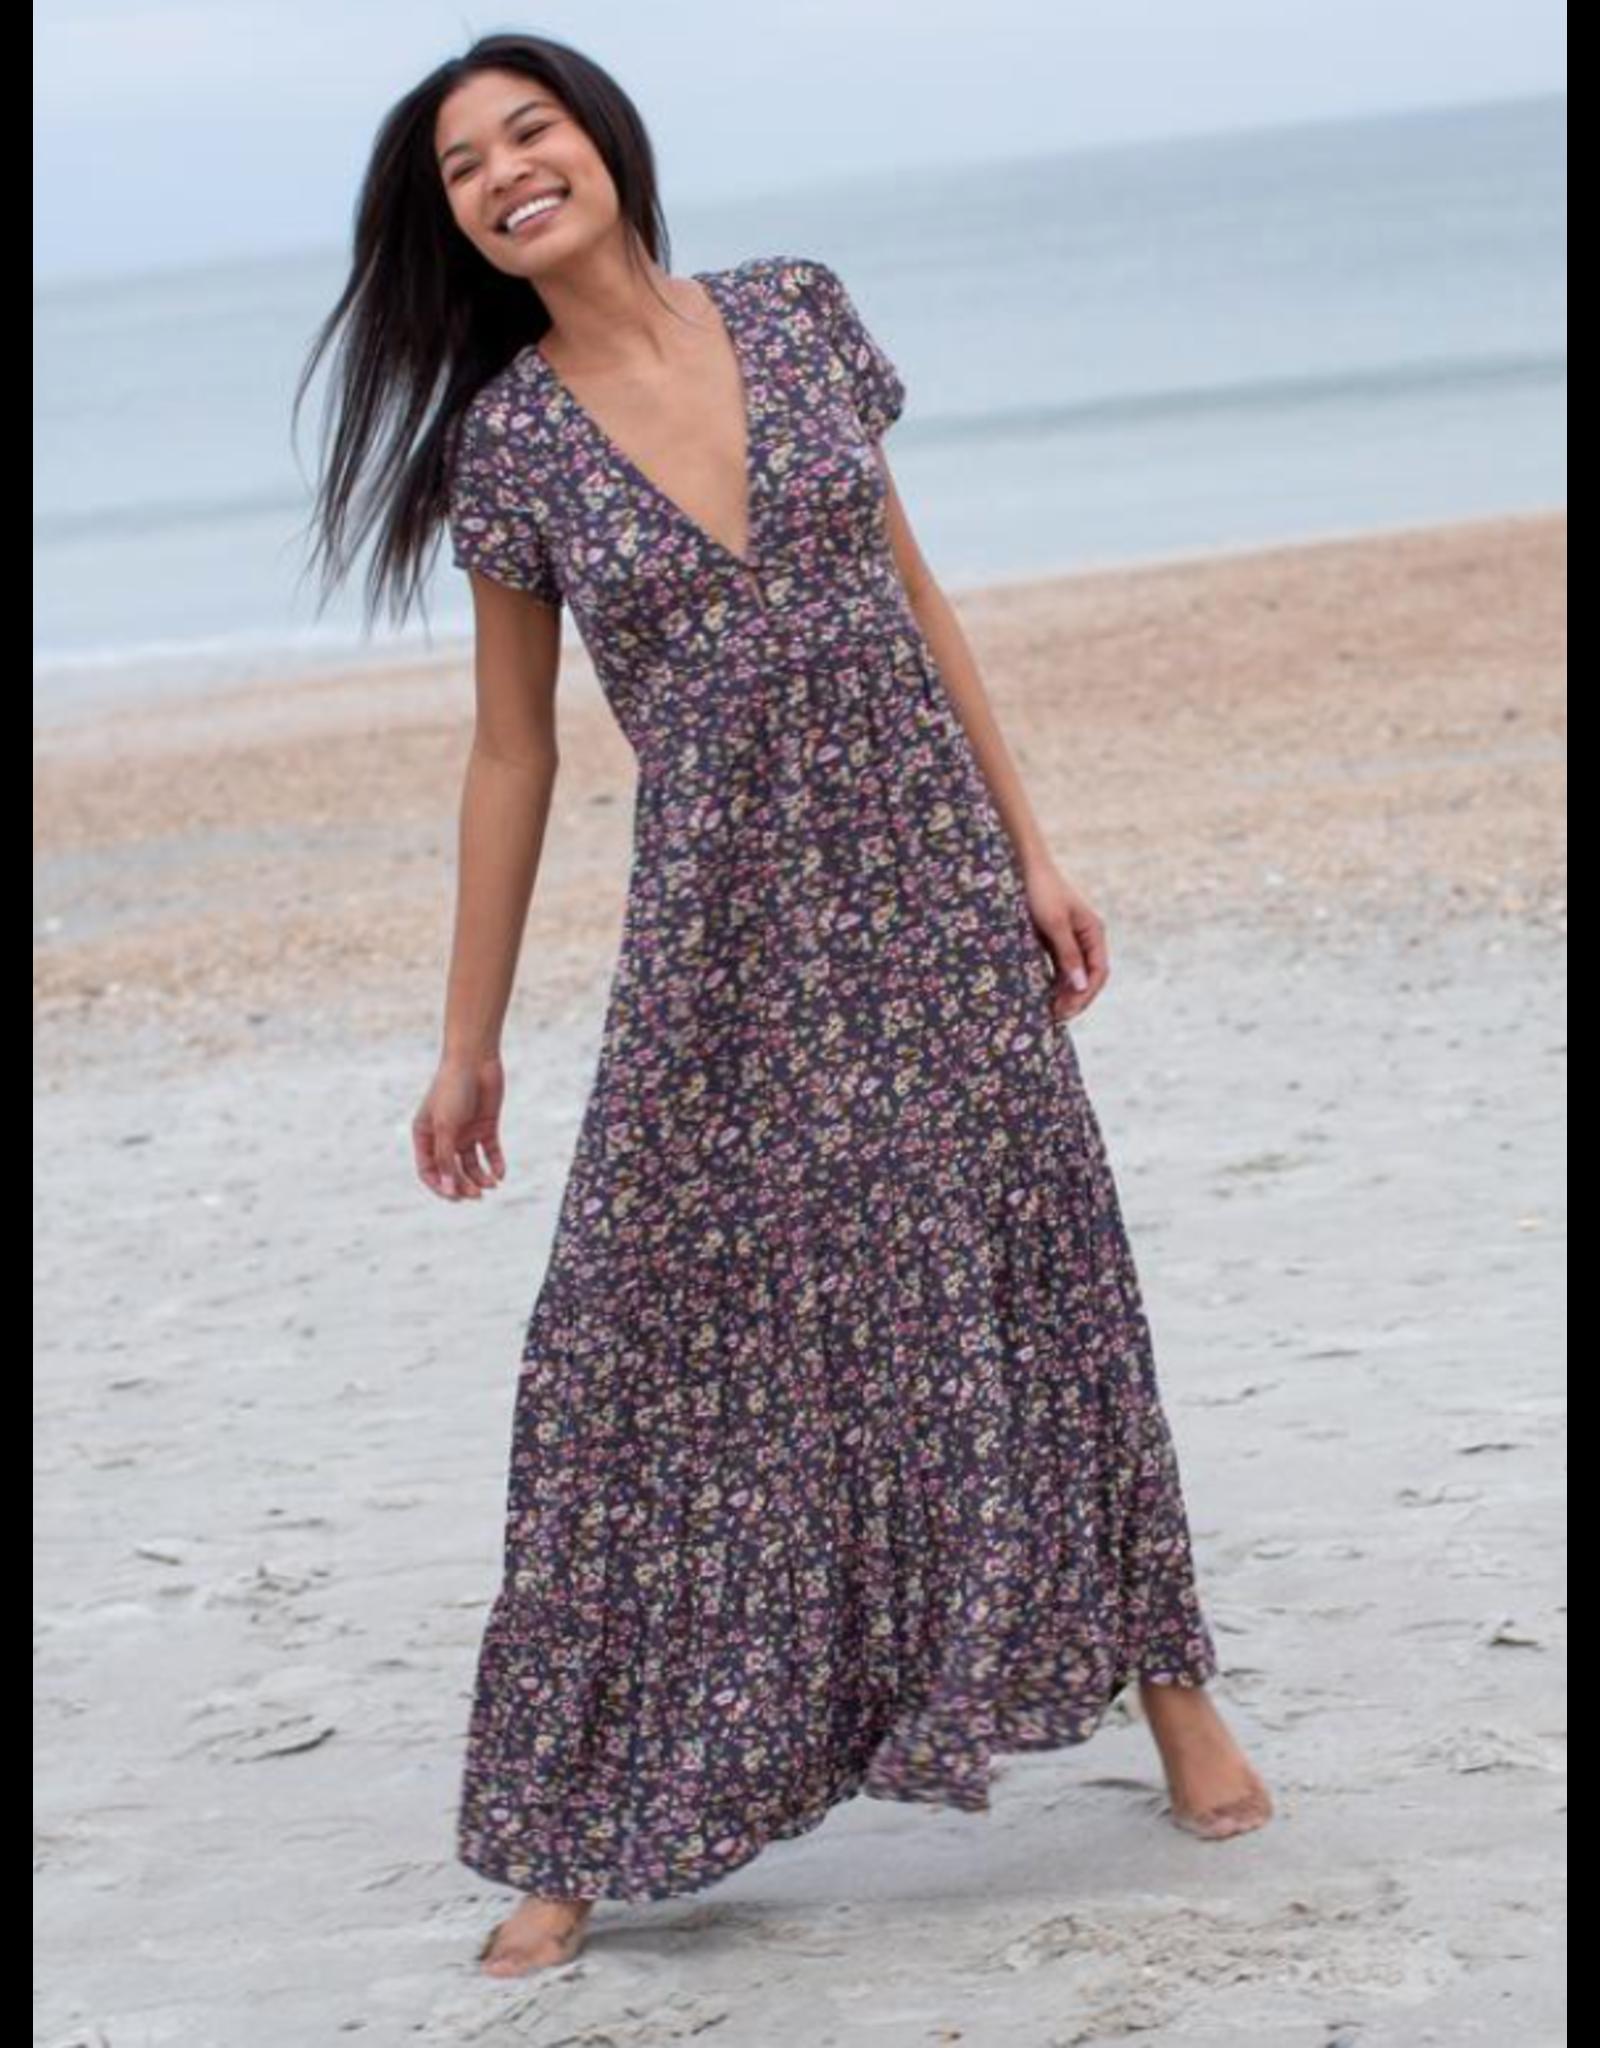 Natural LIfe Evangeline Dress